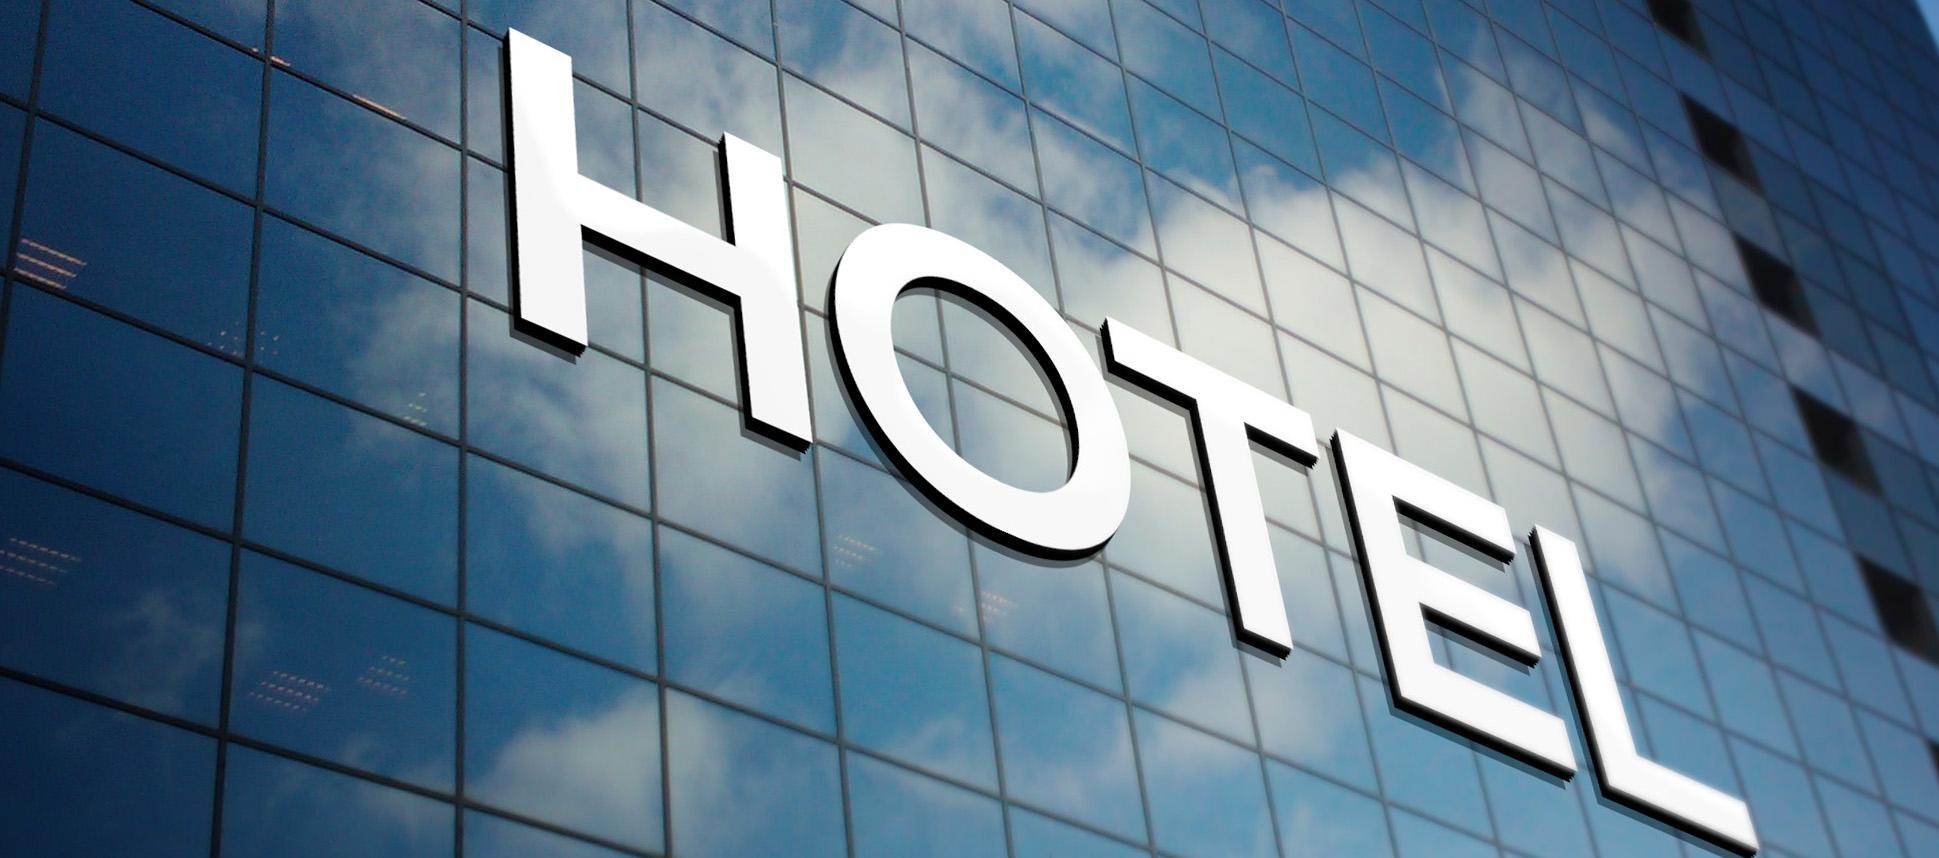 GIMAK-Hotel-1